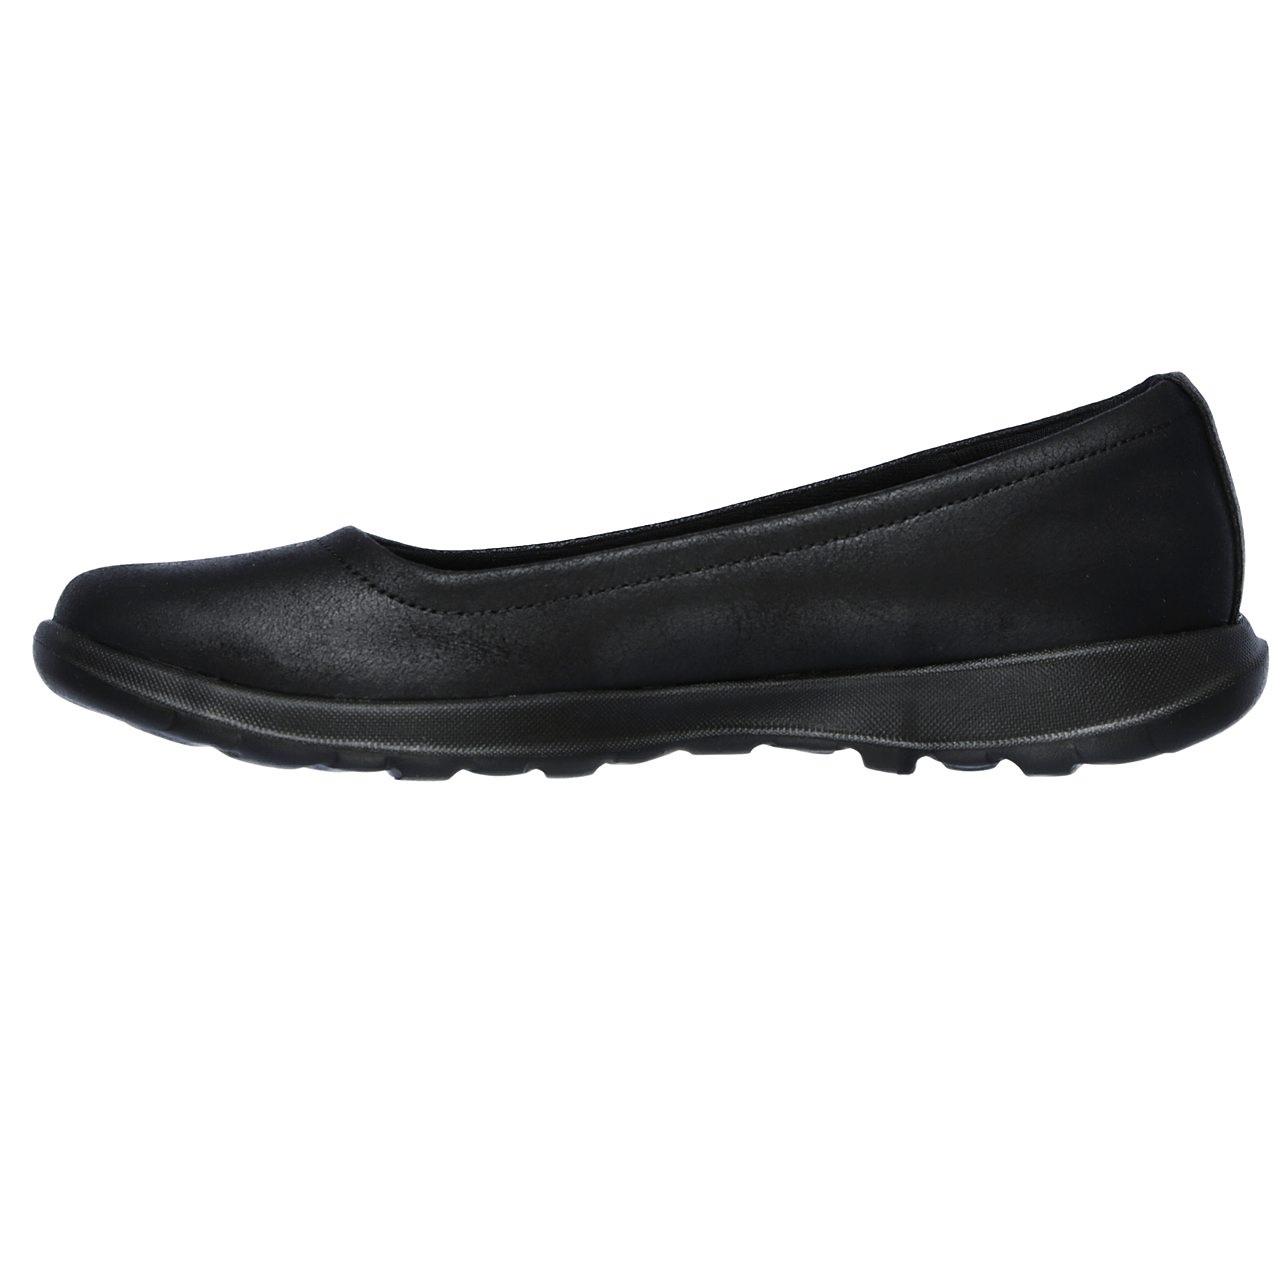 کفش راحتی زنانه اسکچرز مدل 15395BBK